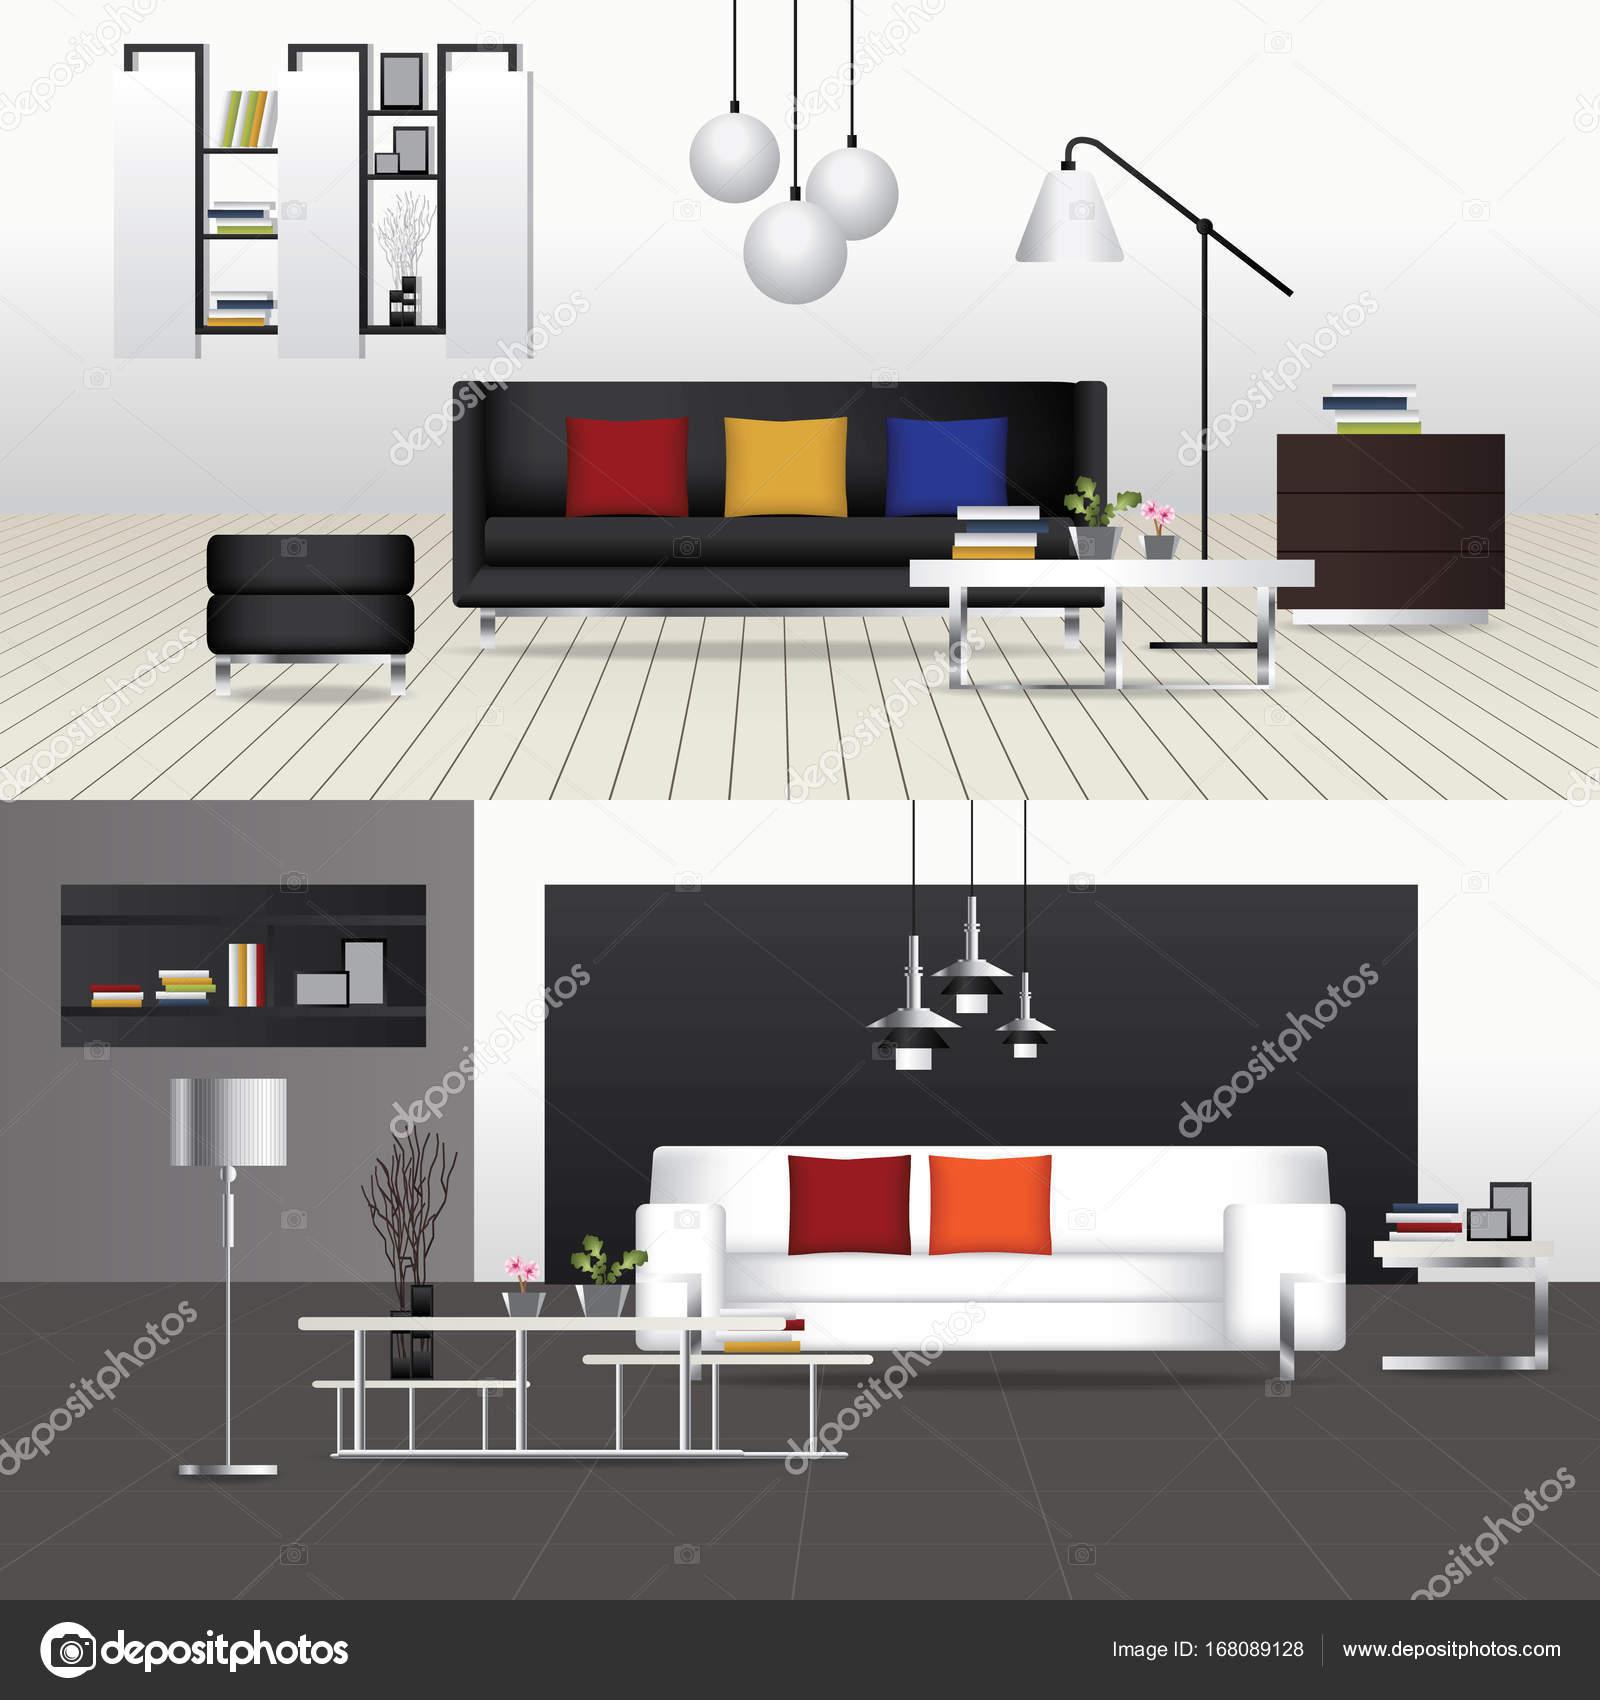 Dise o plano interior sala de estar y mobiliario de for Diseno de interiores sala de estar